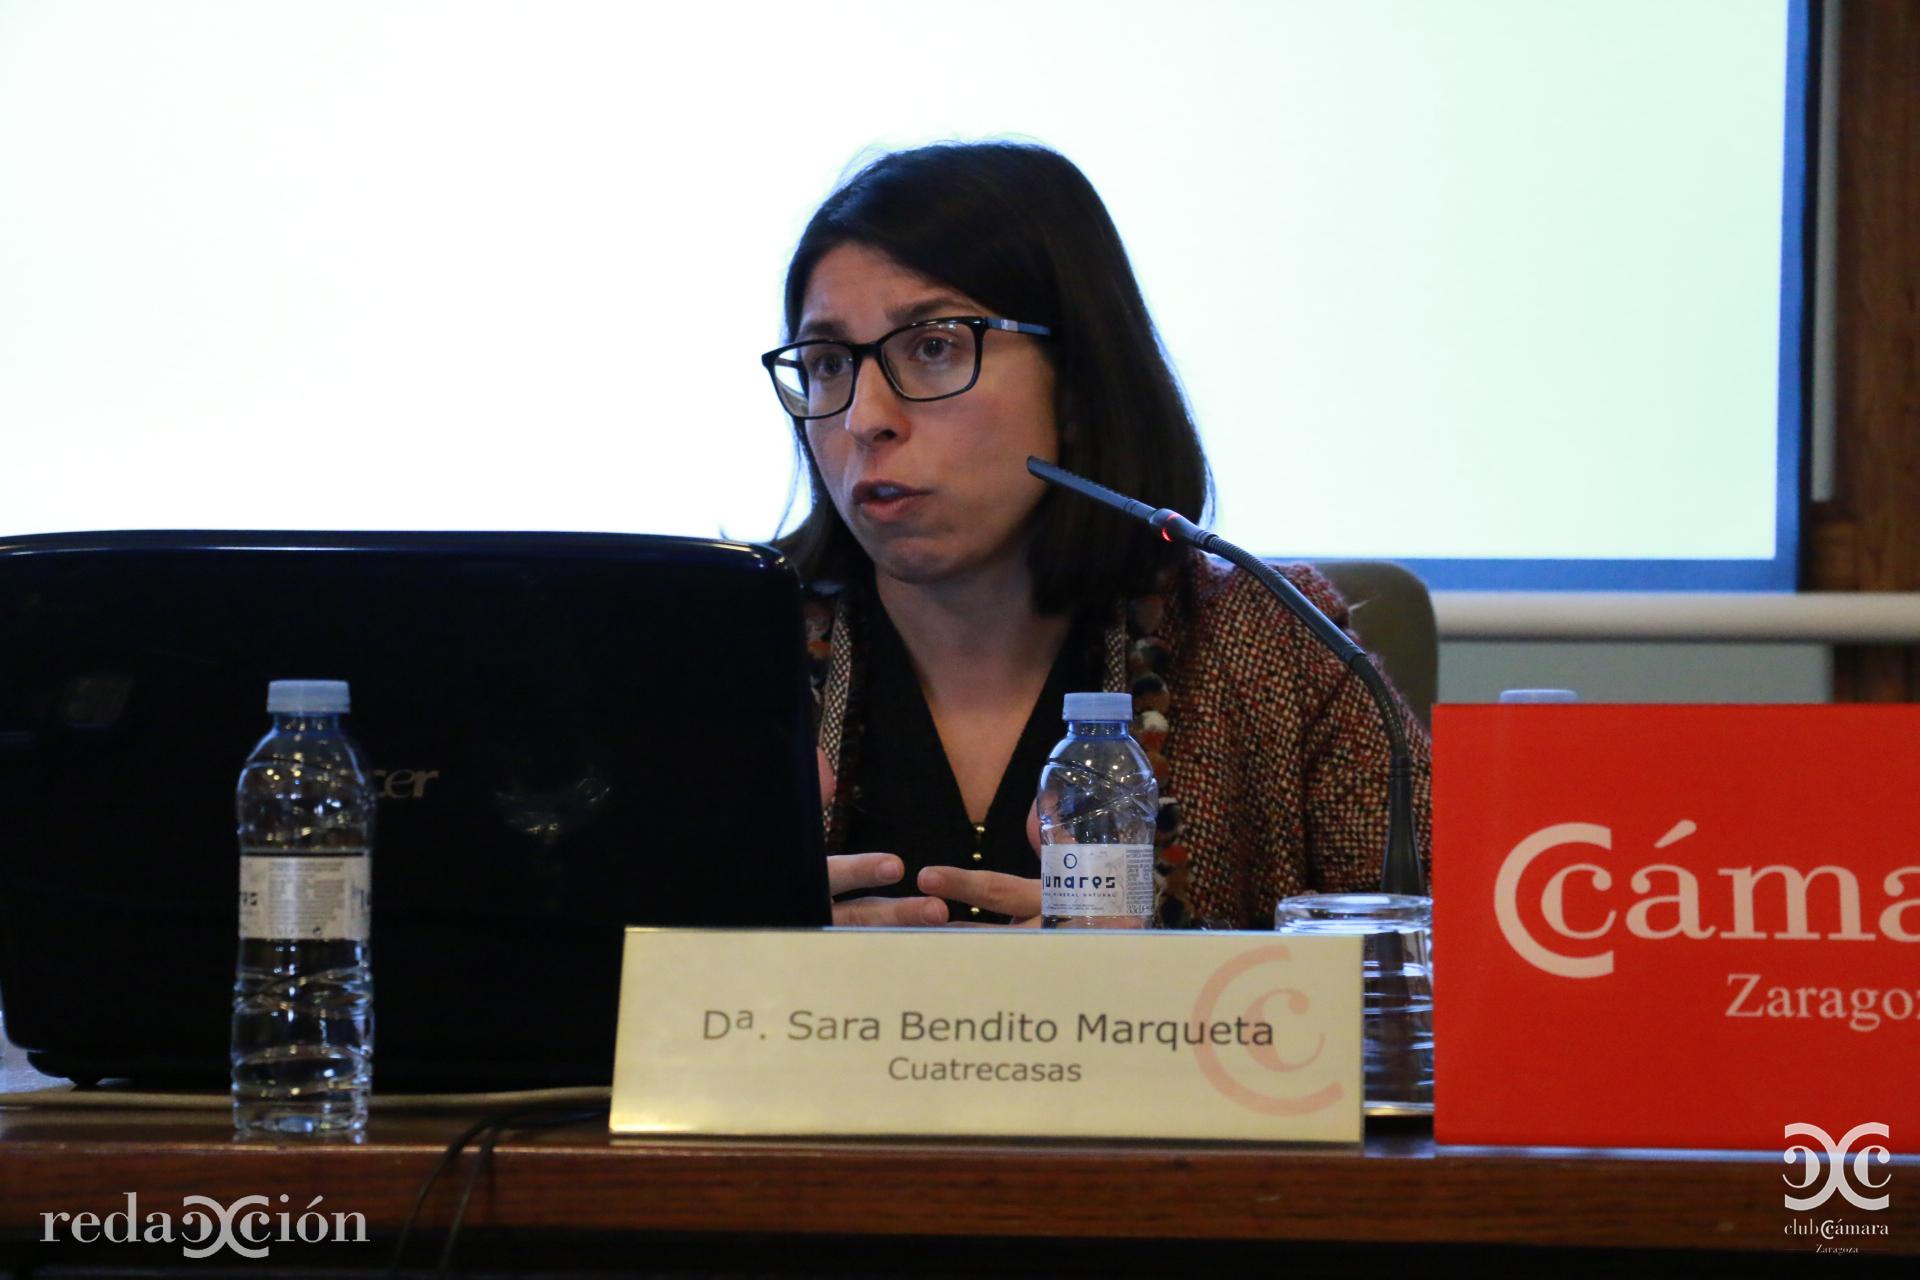 Sara Bendito